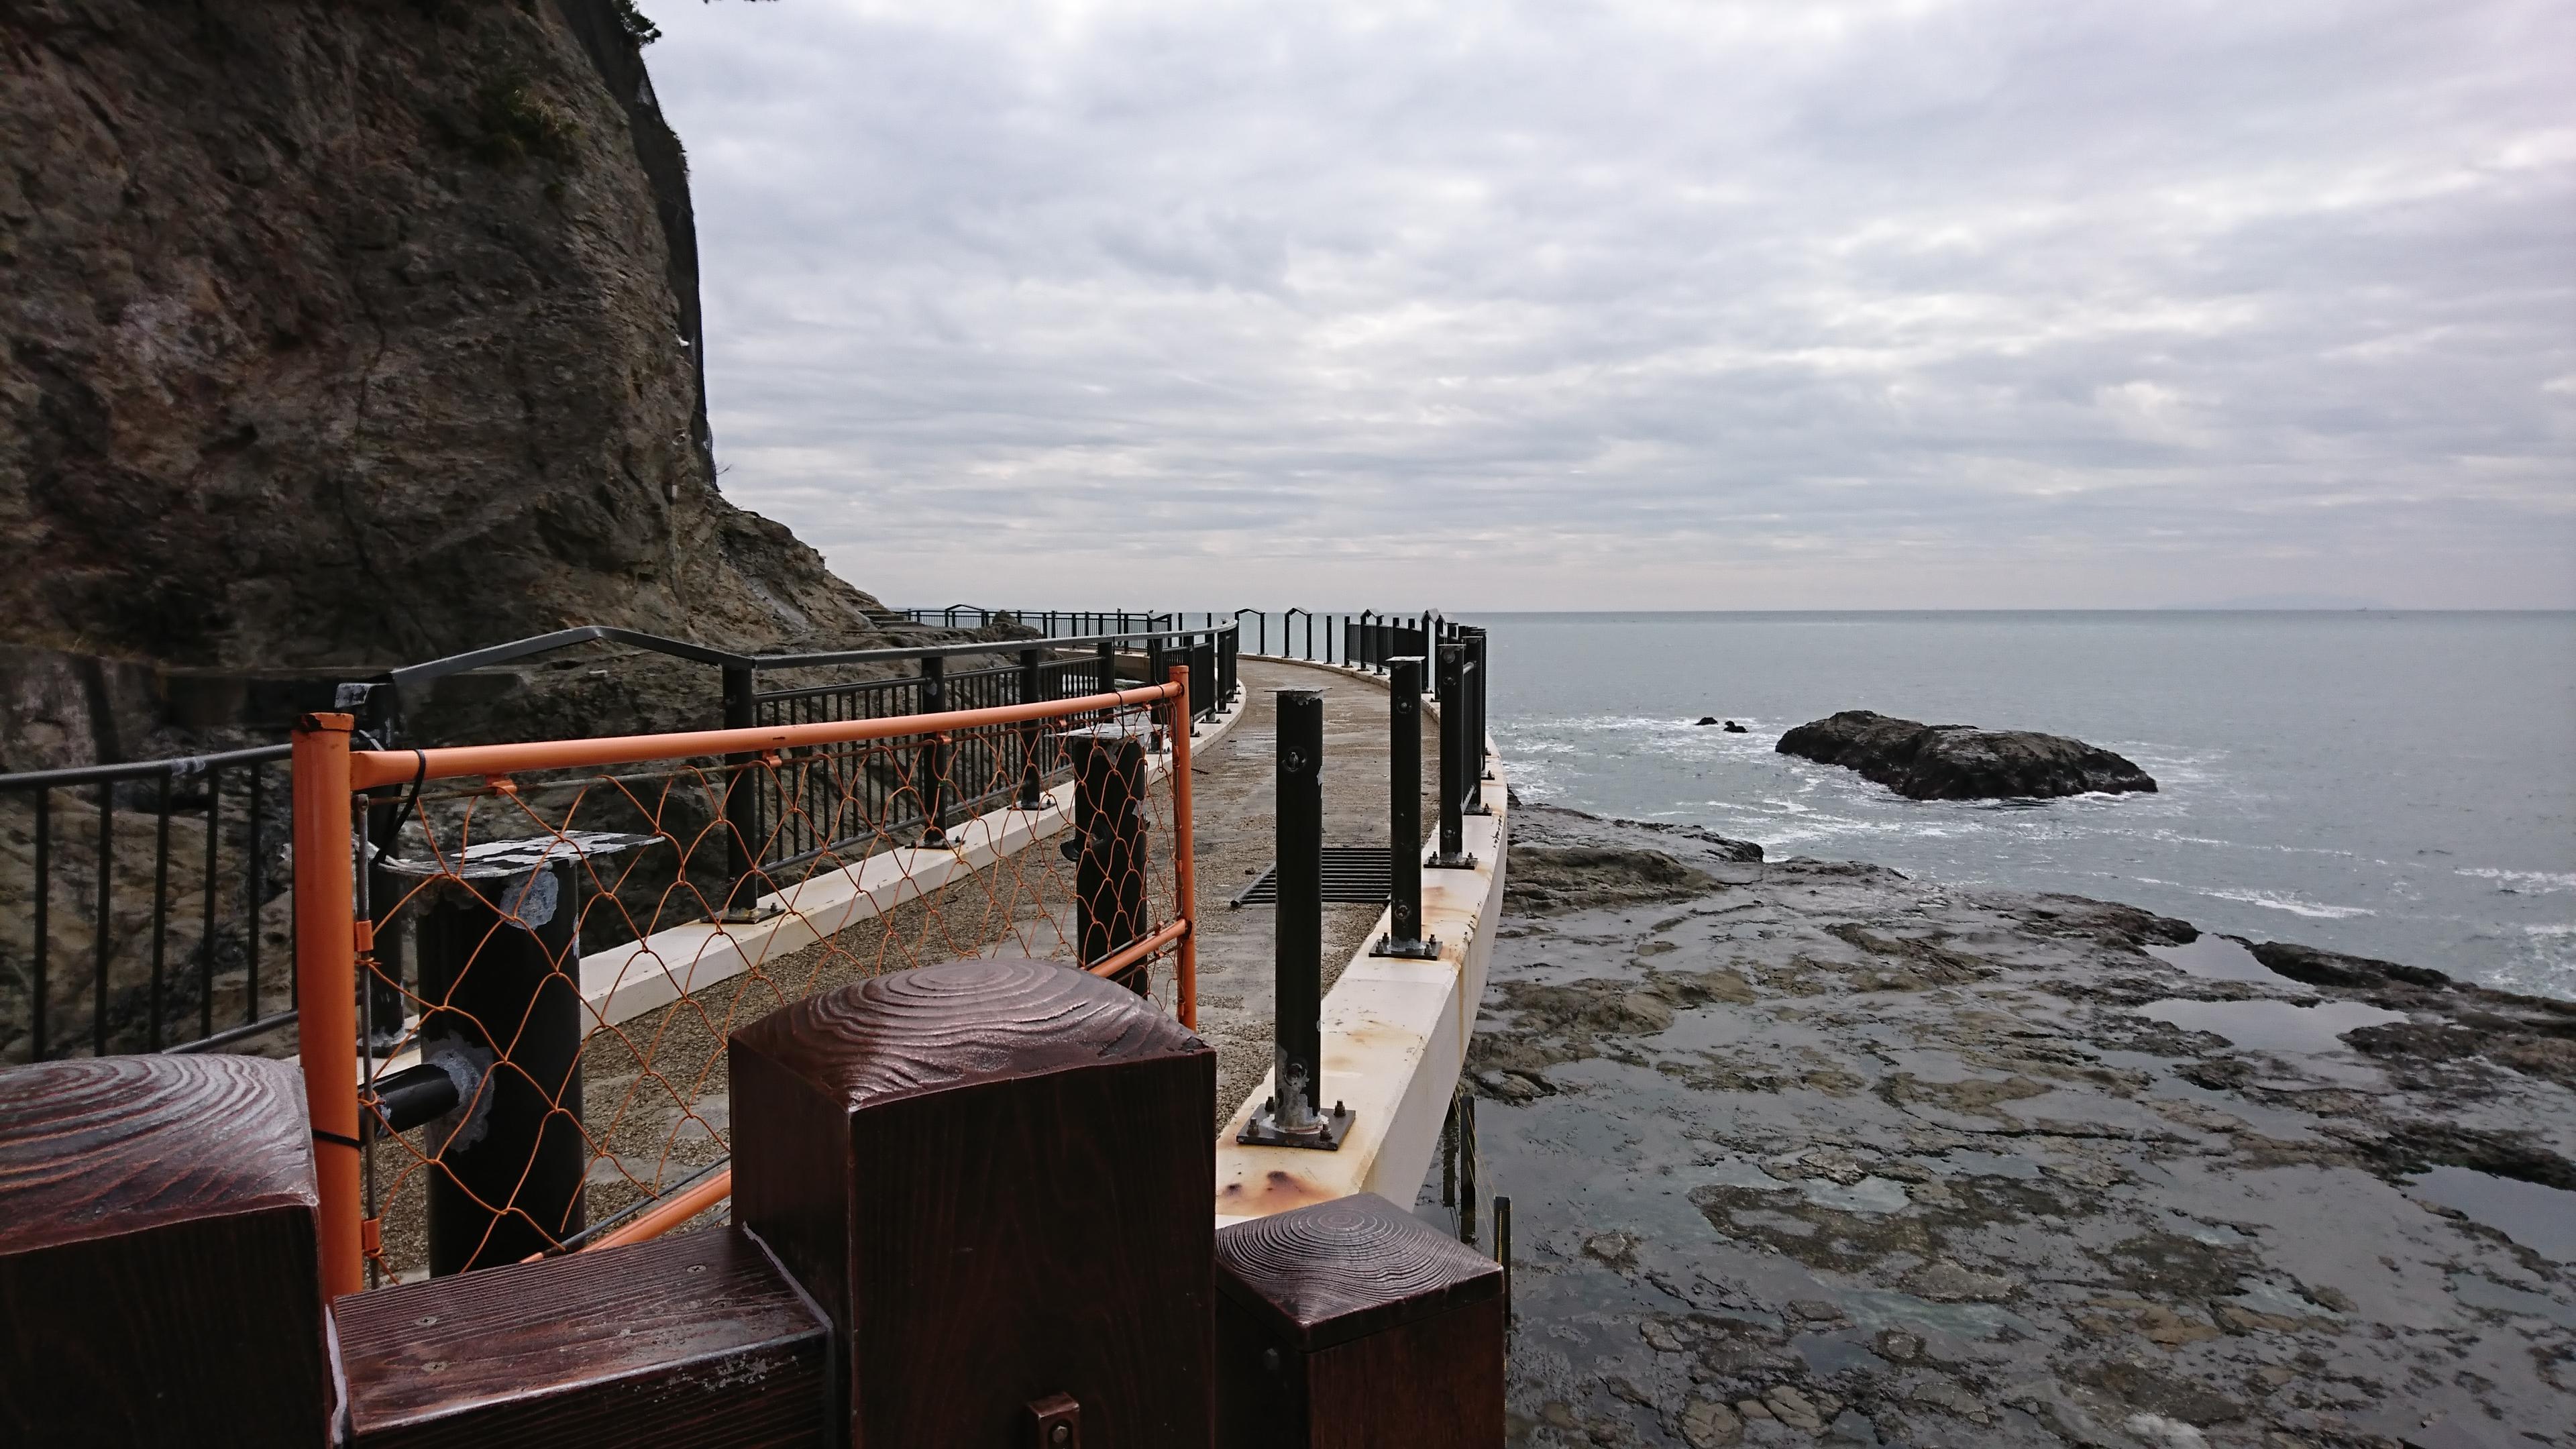 江ノ島神社の稚児ヶ淵から岩屋洞窟へ向かう道のり